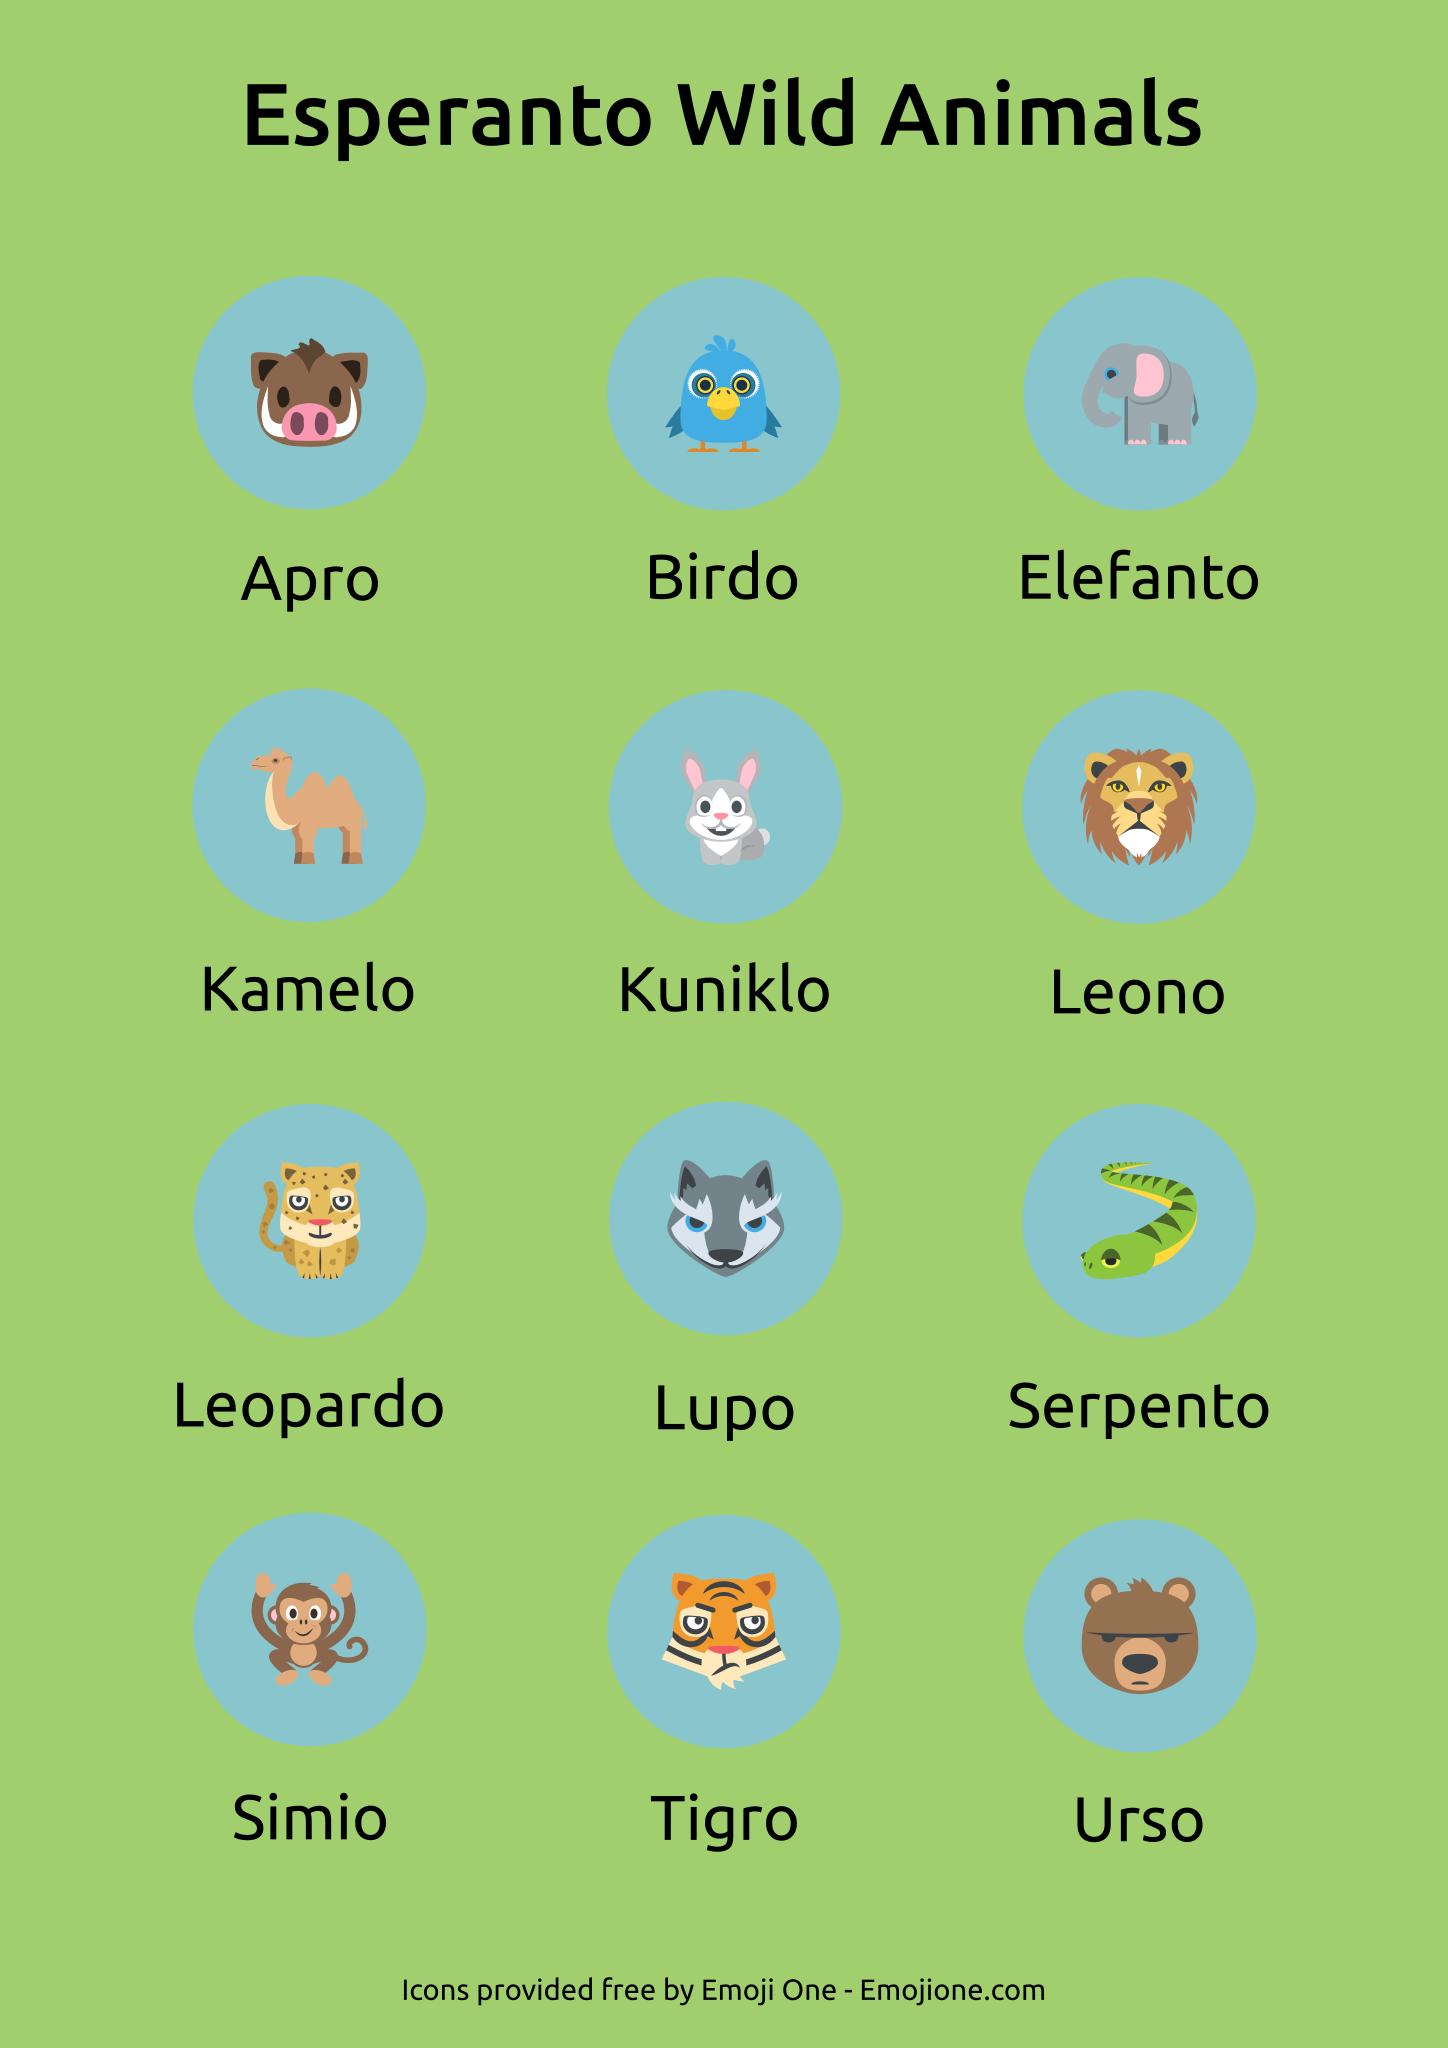 How to Learn Esperanto